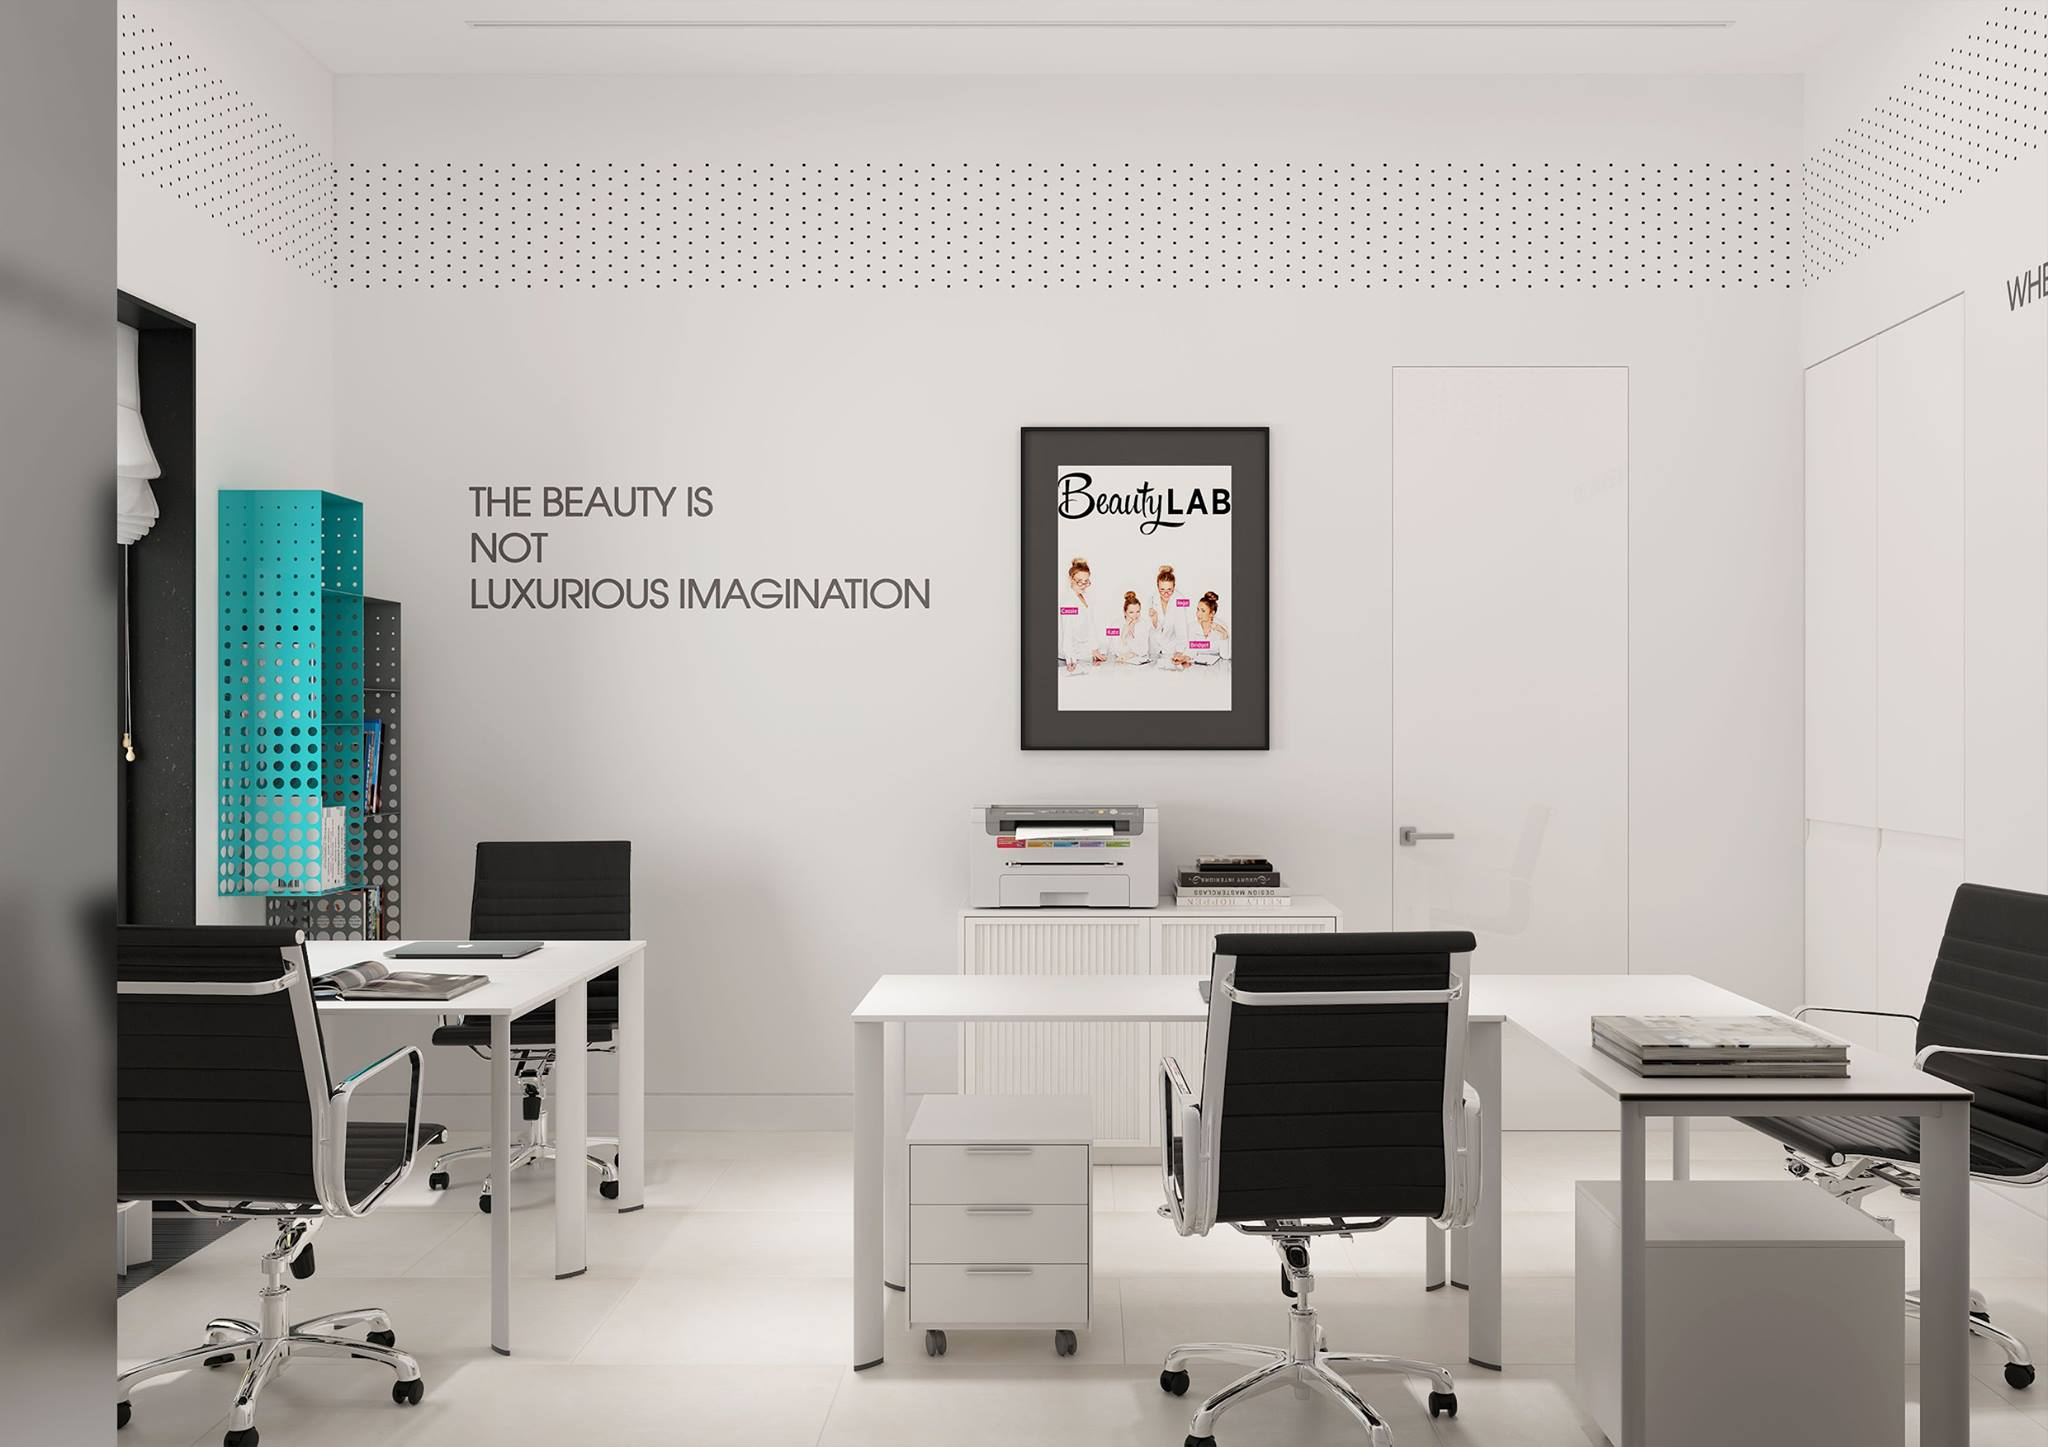 интерьер офиса  Салон красоты в Астане - проект Натальи Большаковой 12970966 894397244013216 1417975855999433874 o